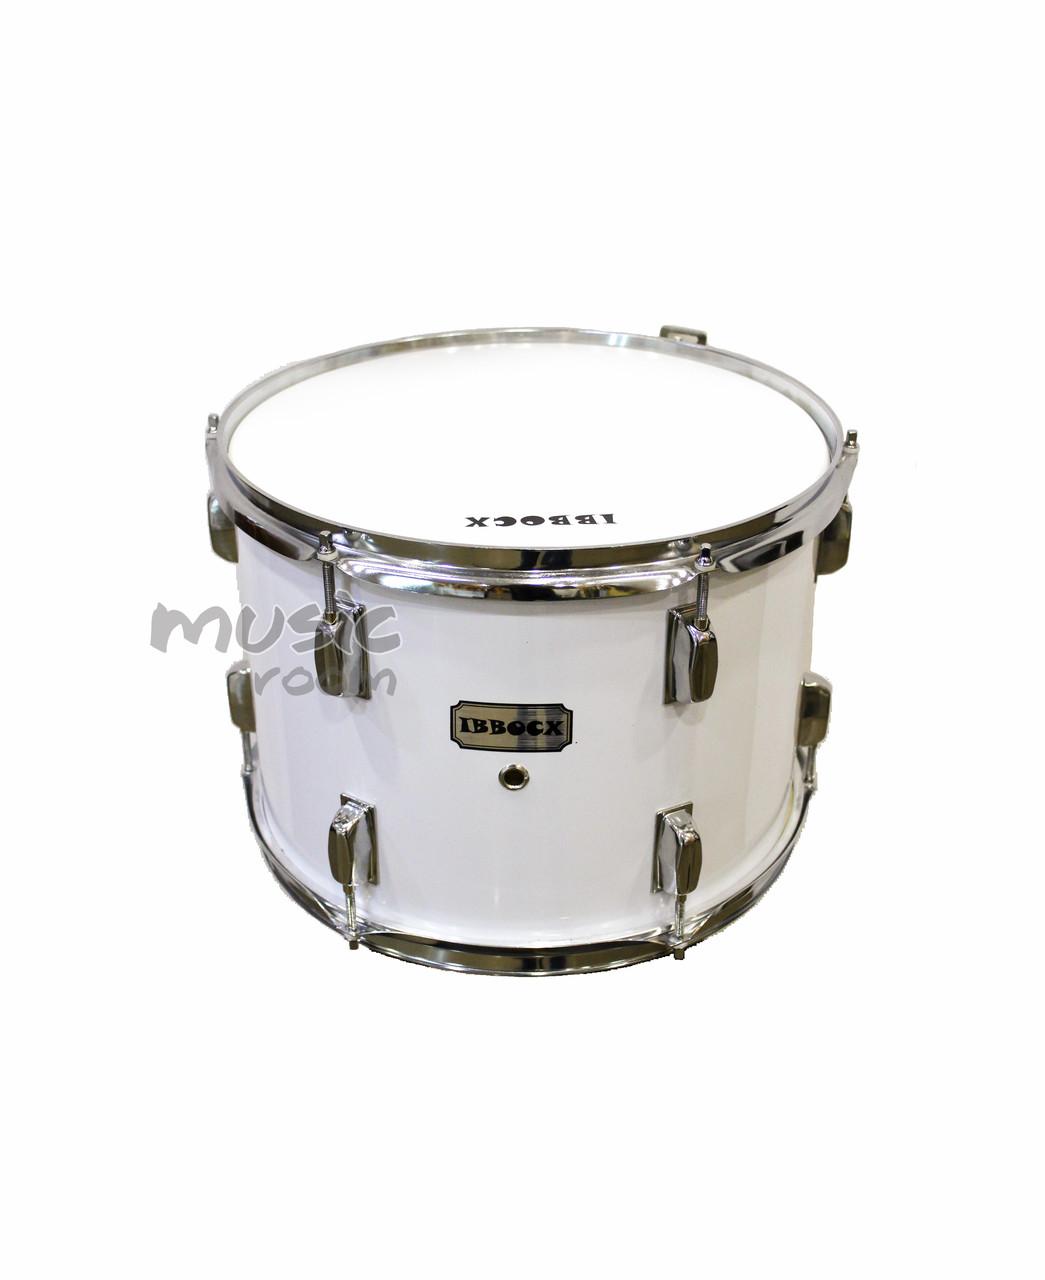 Маршевый барабан IBBOCX